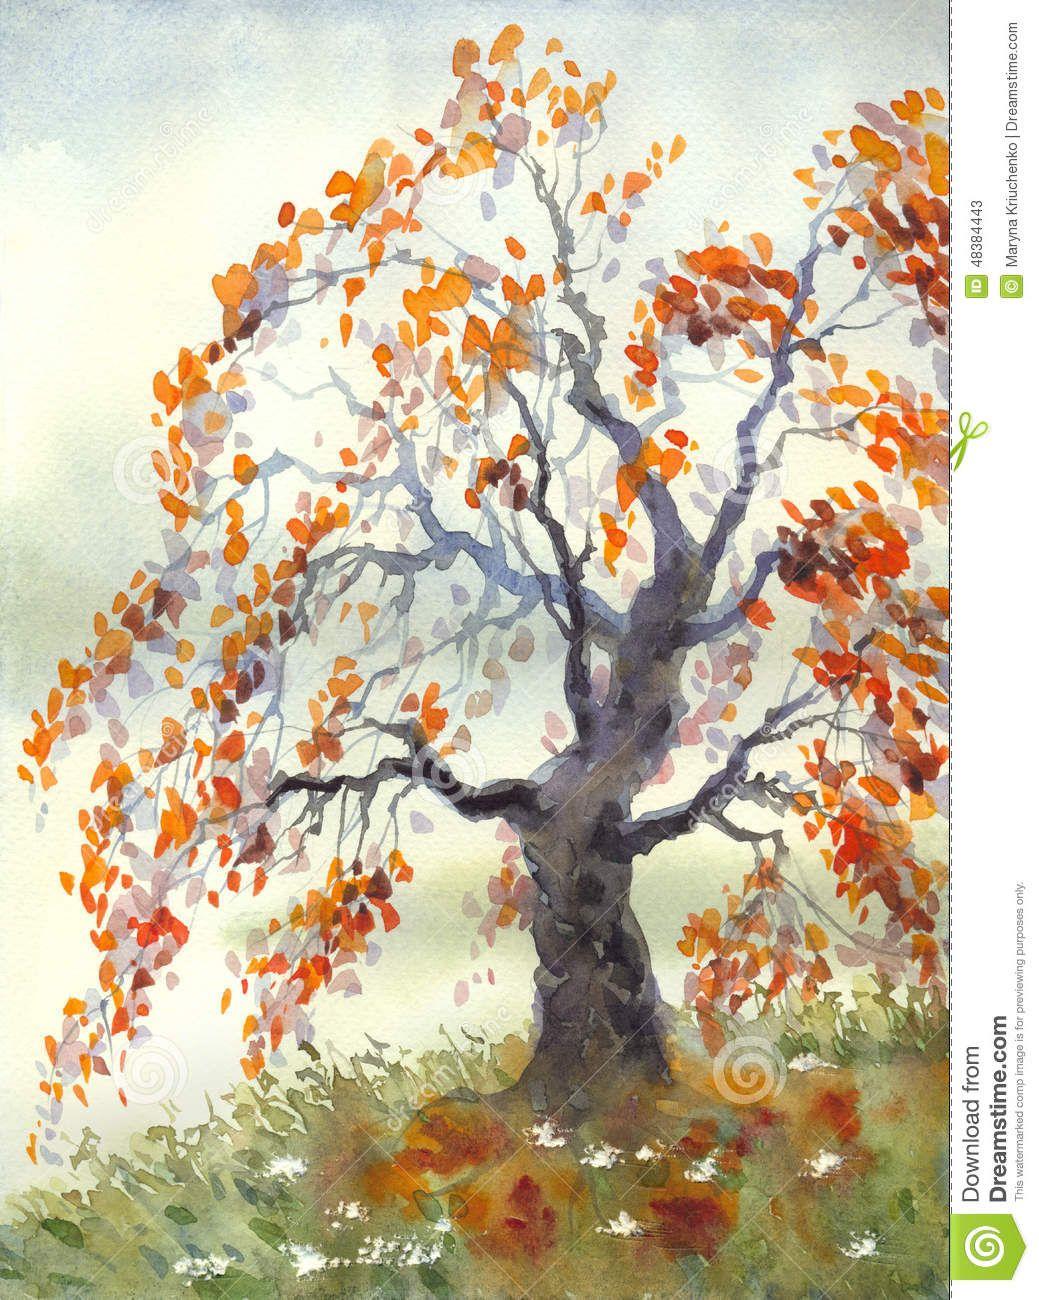 Resultado de imagen para paisajes campestres pintados con manchas